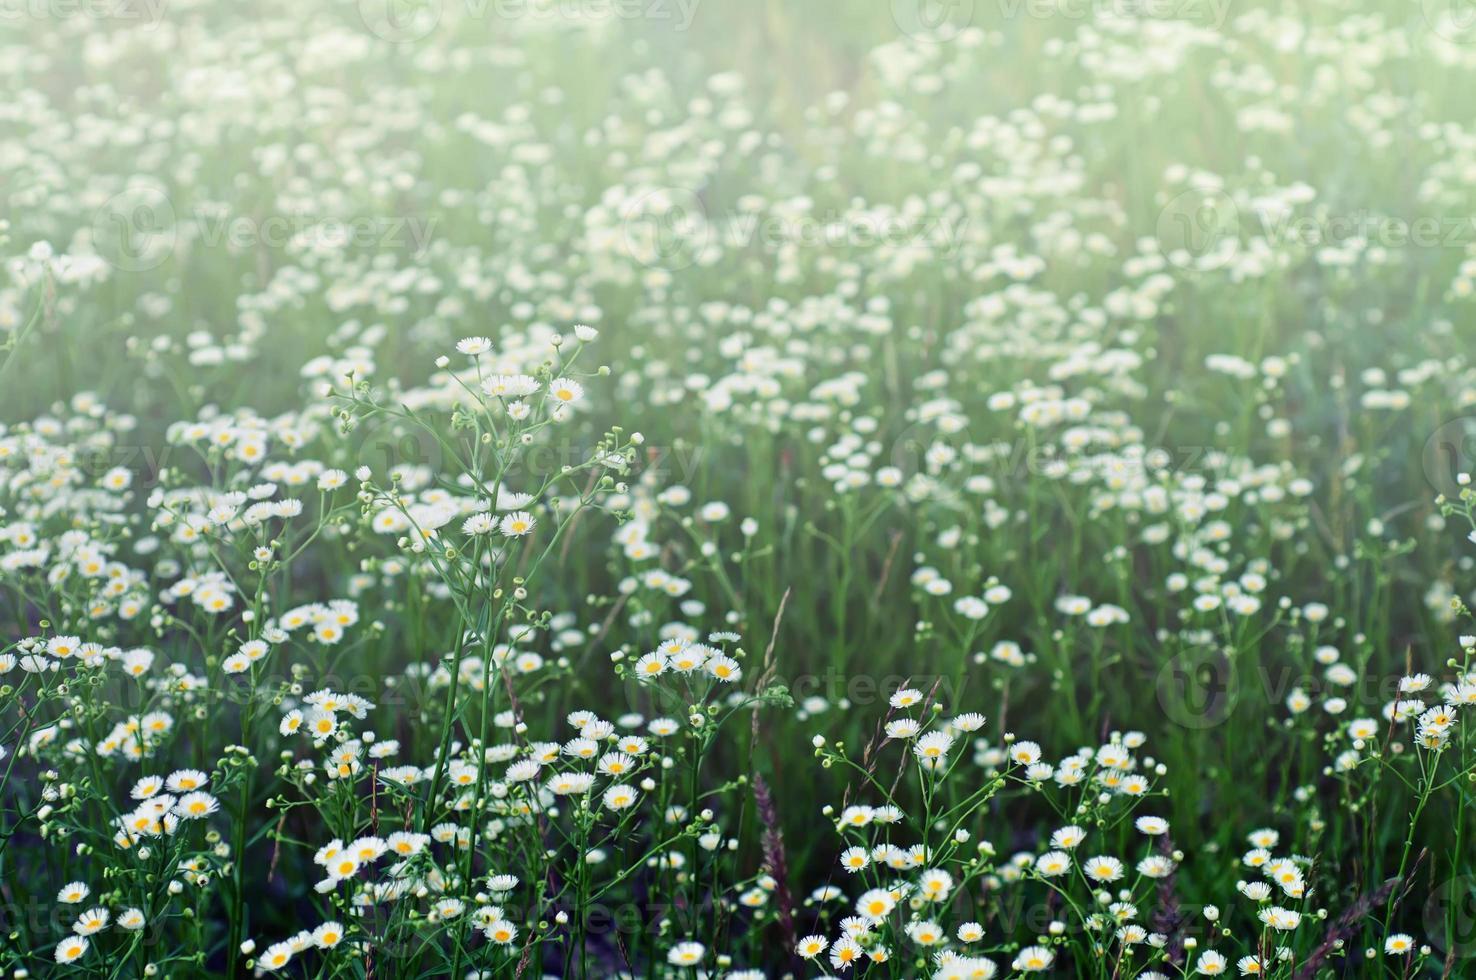 fleurs de camomille sauvage photo